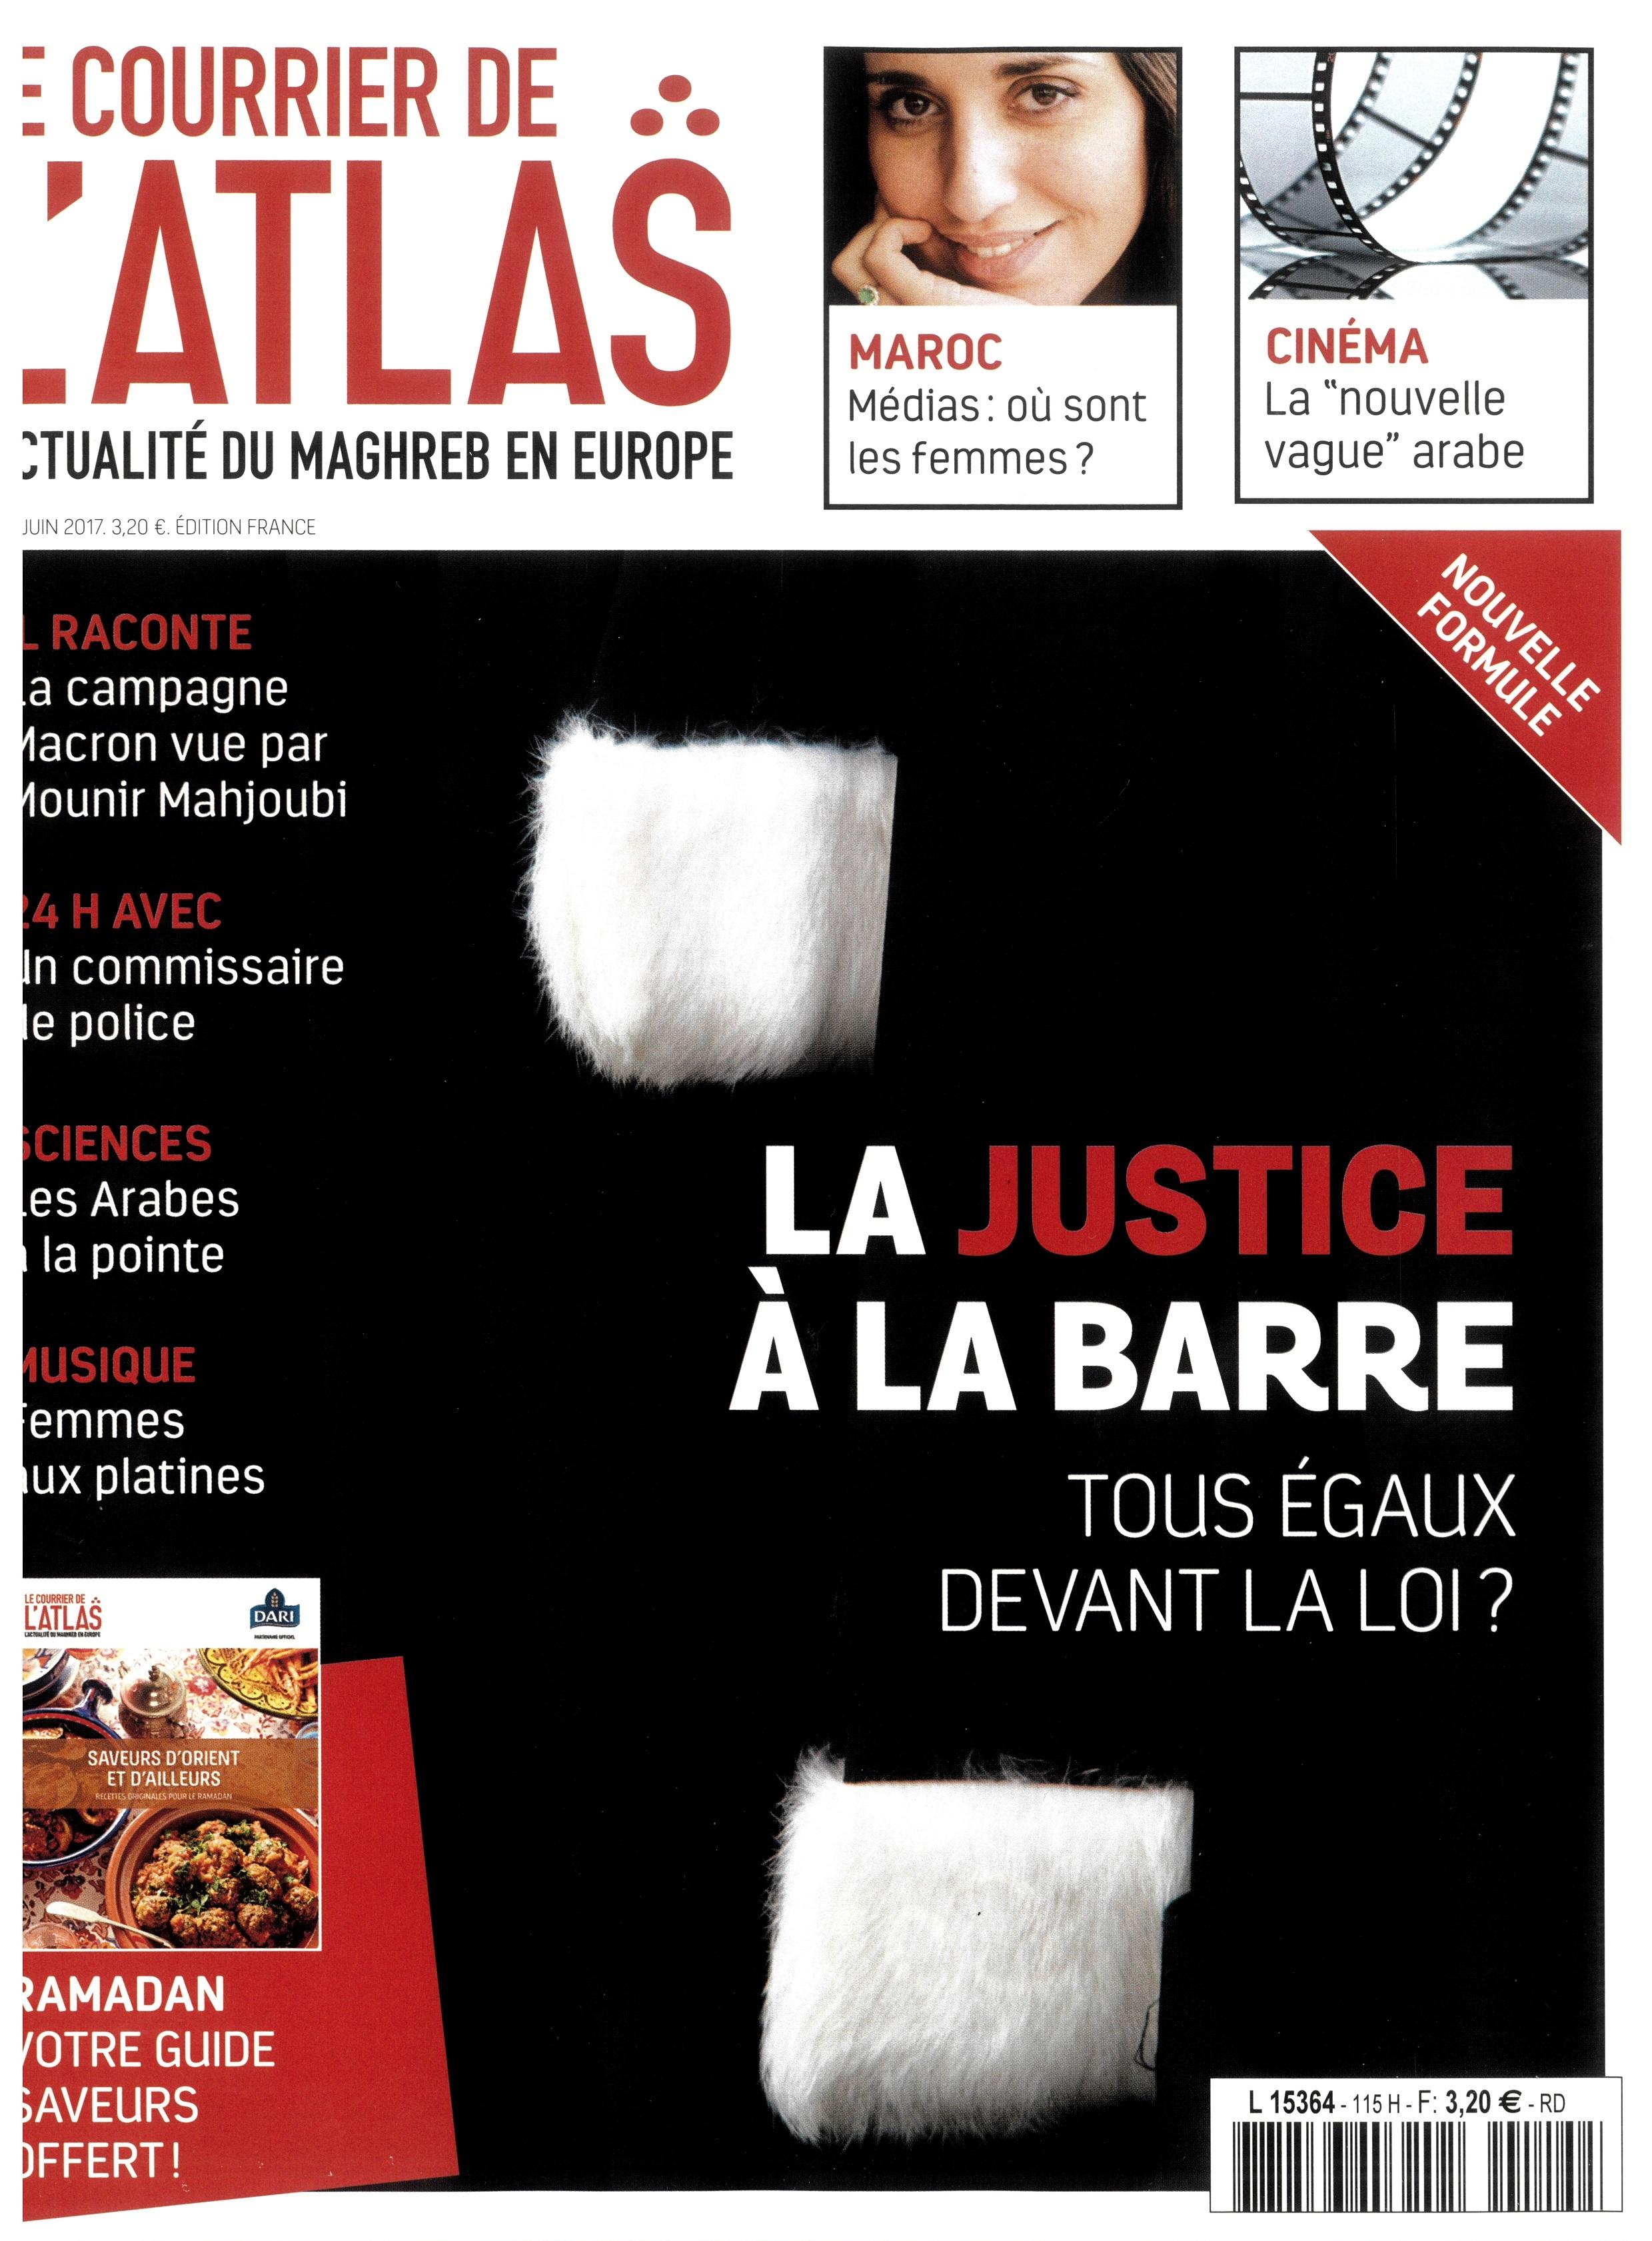 Courrier_Atlas_couverture